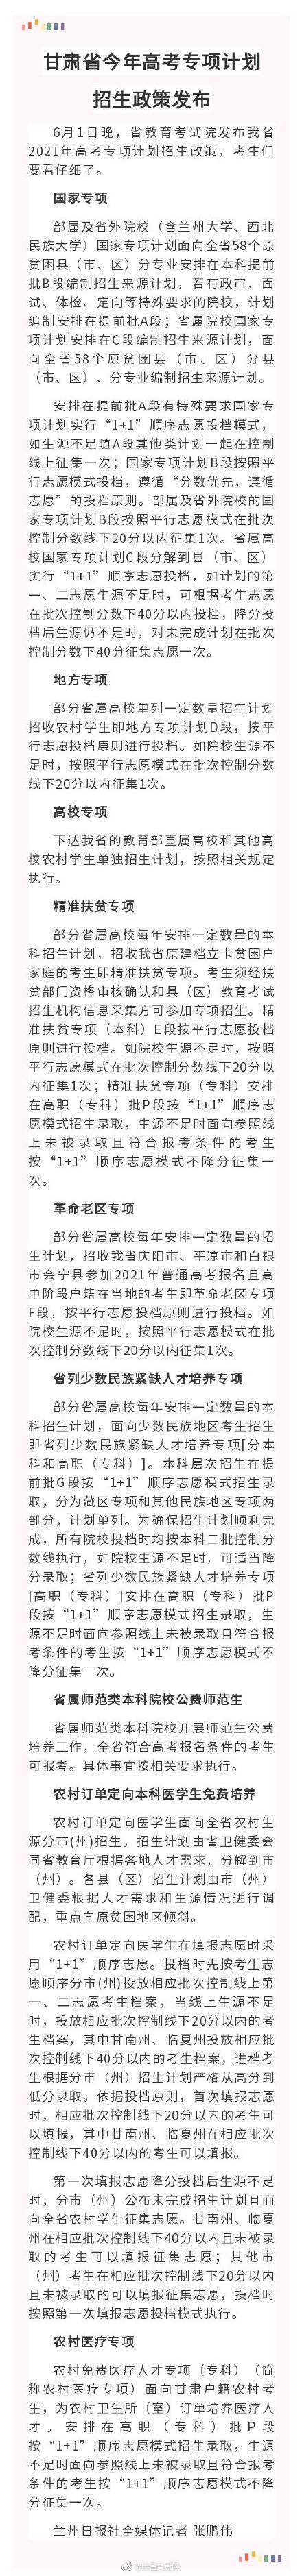 2021年甘肃高考专项计划招生政策 2021年甘肃高考专项资格审查